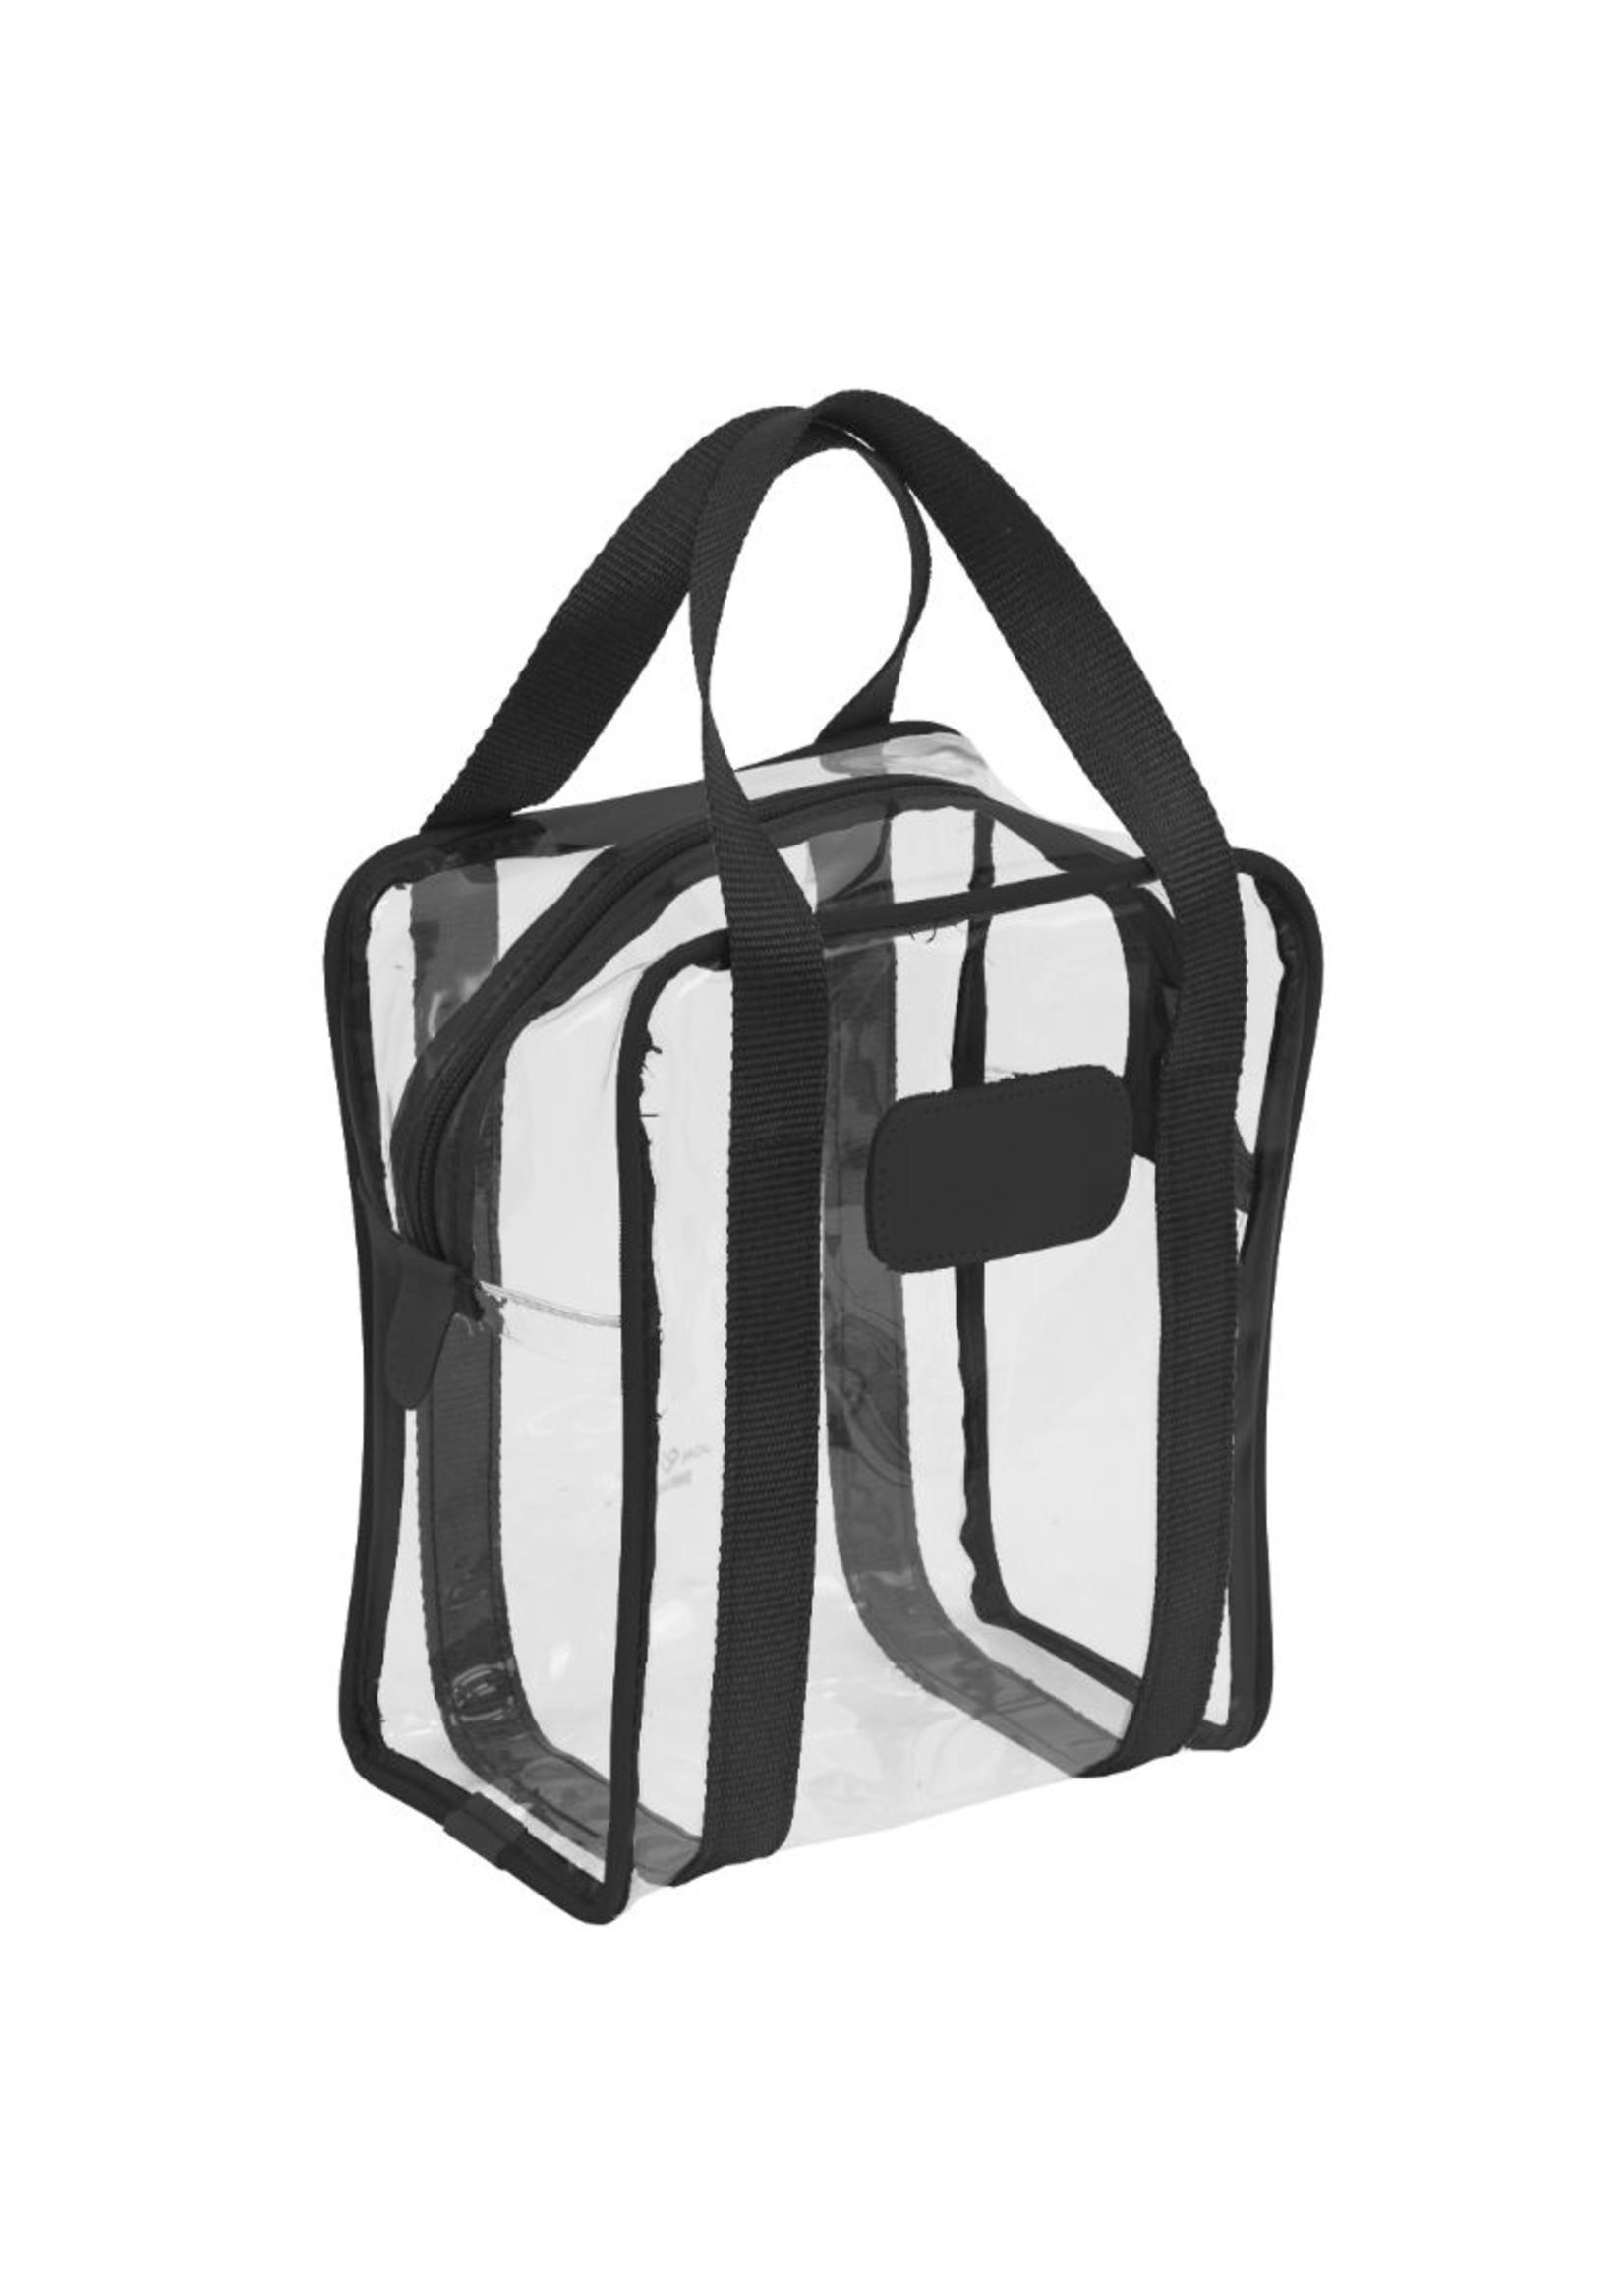 Jon Hart Shag Bag, Clear